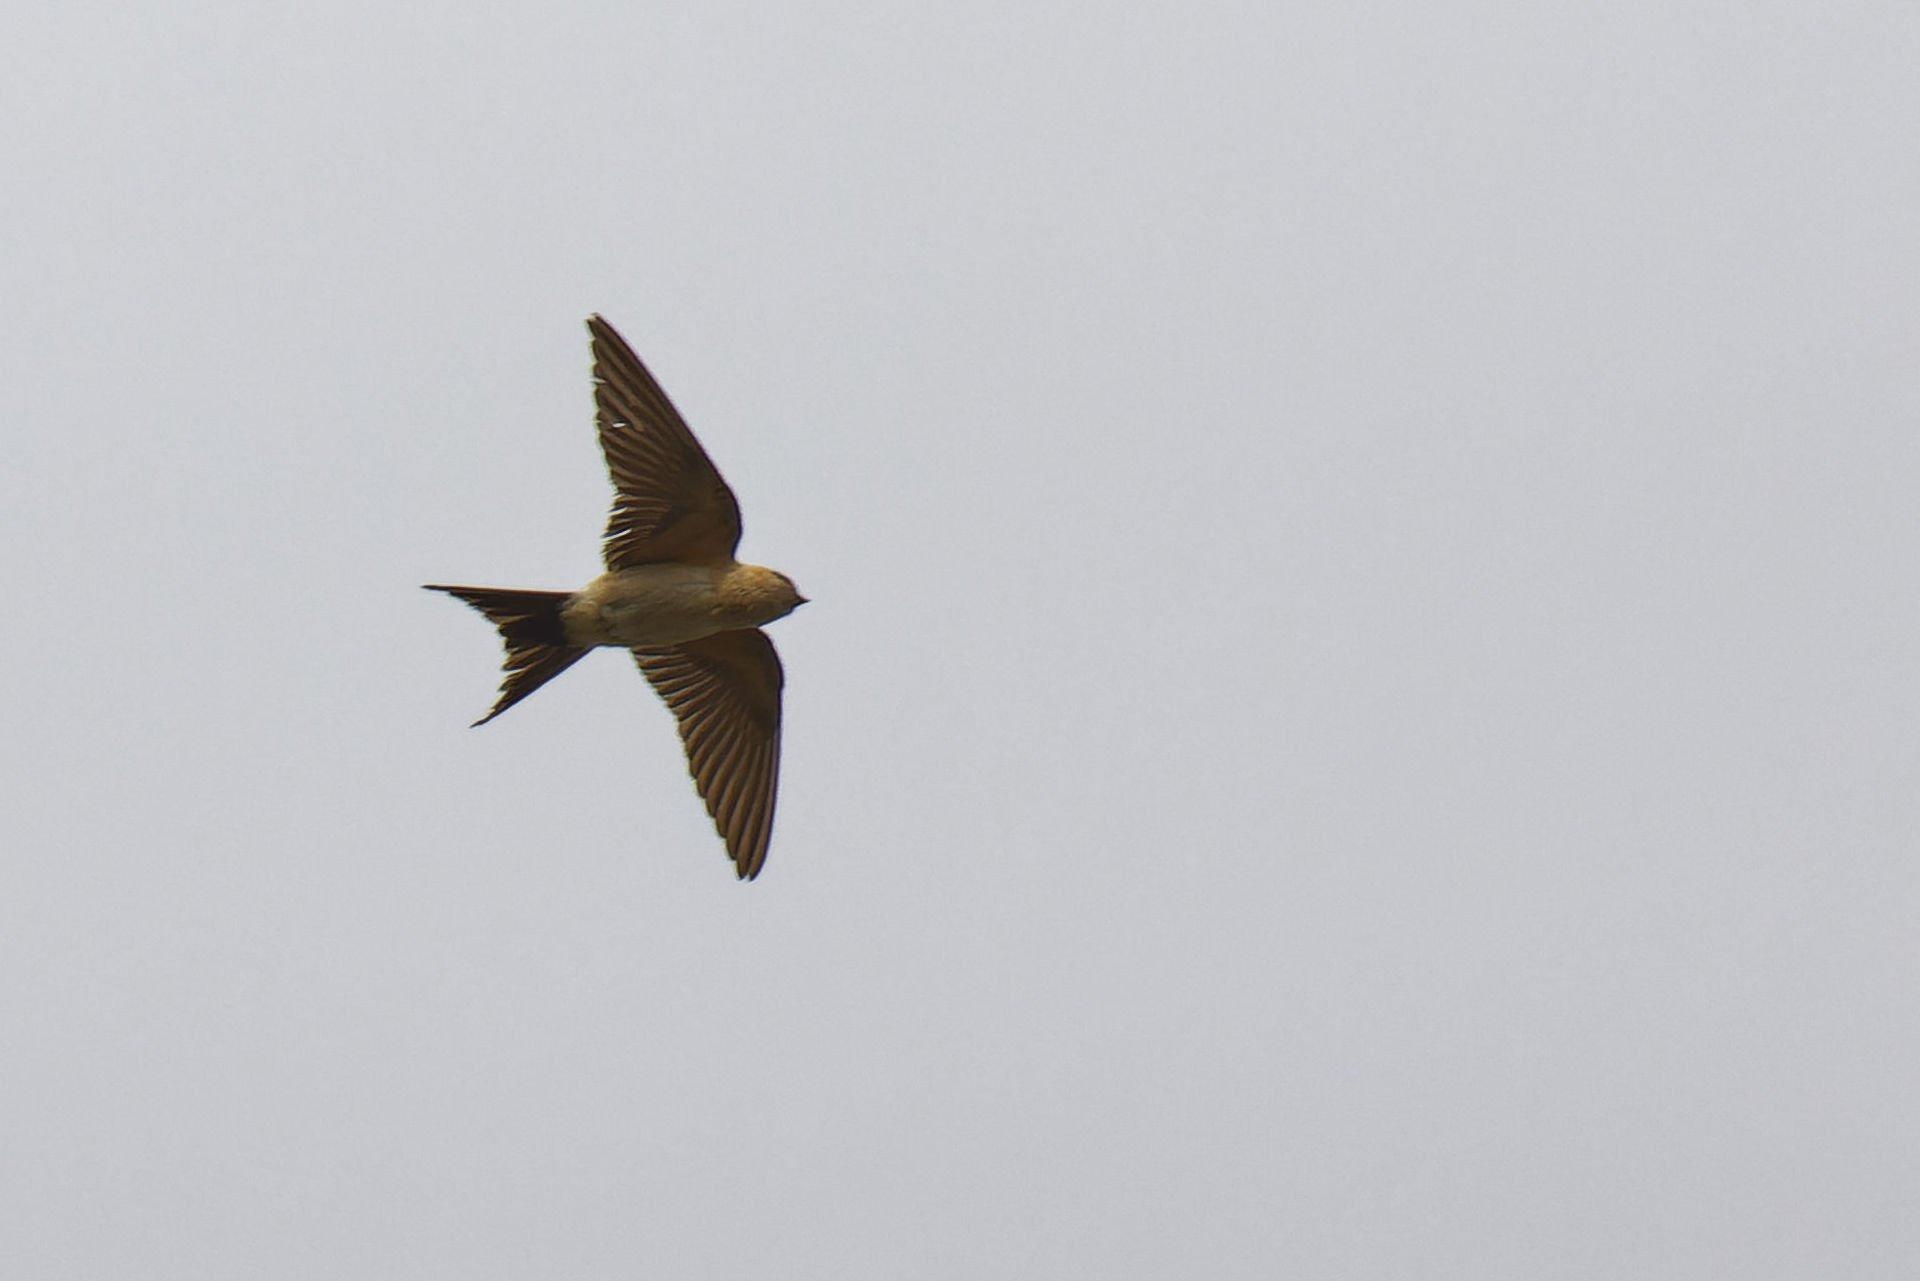 Rötelschwalbe, Red-rumped Swallow